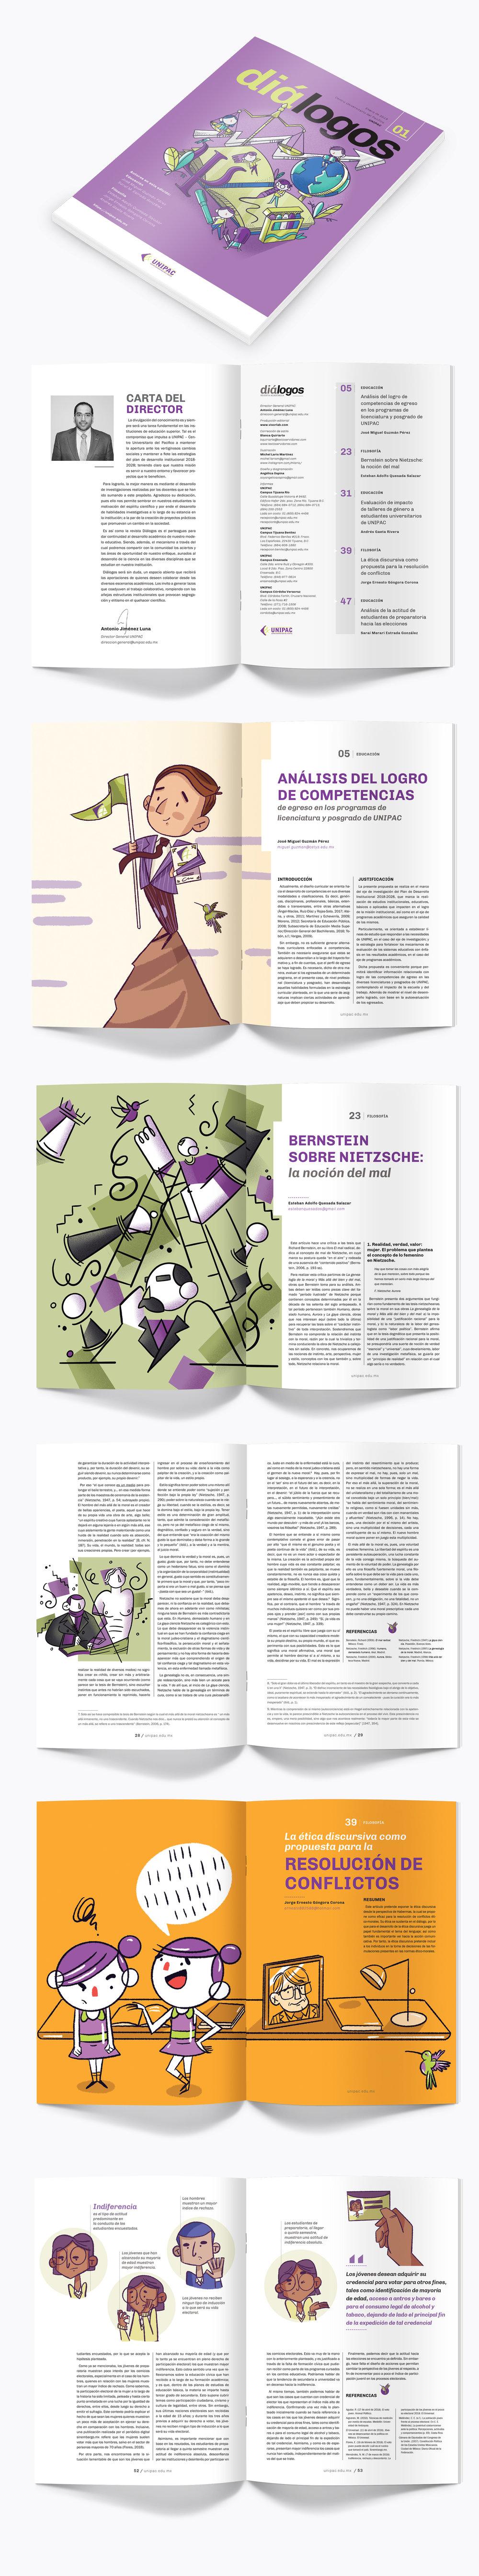 Revista-Dialogos-diseno-editorial.jpg